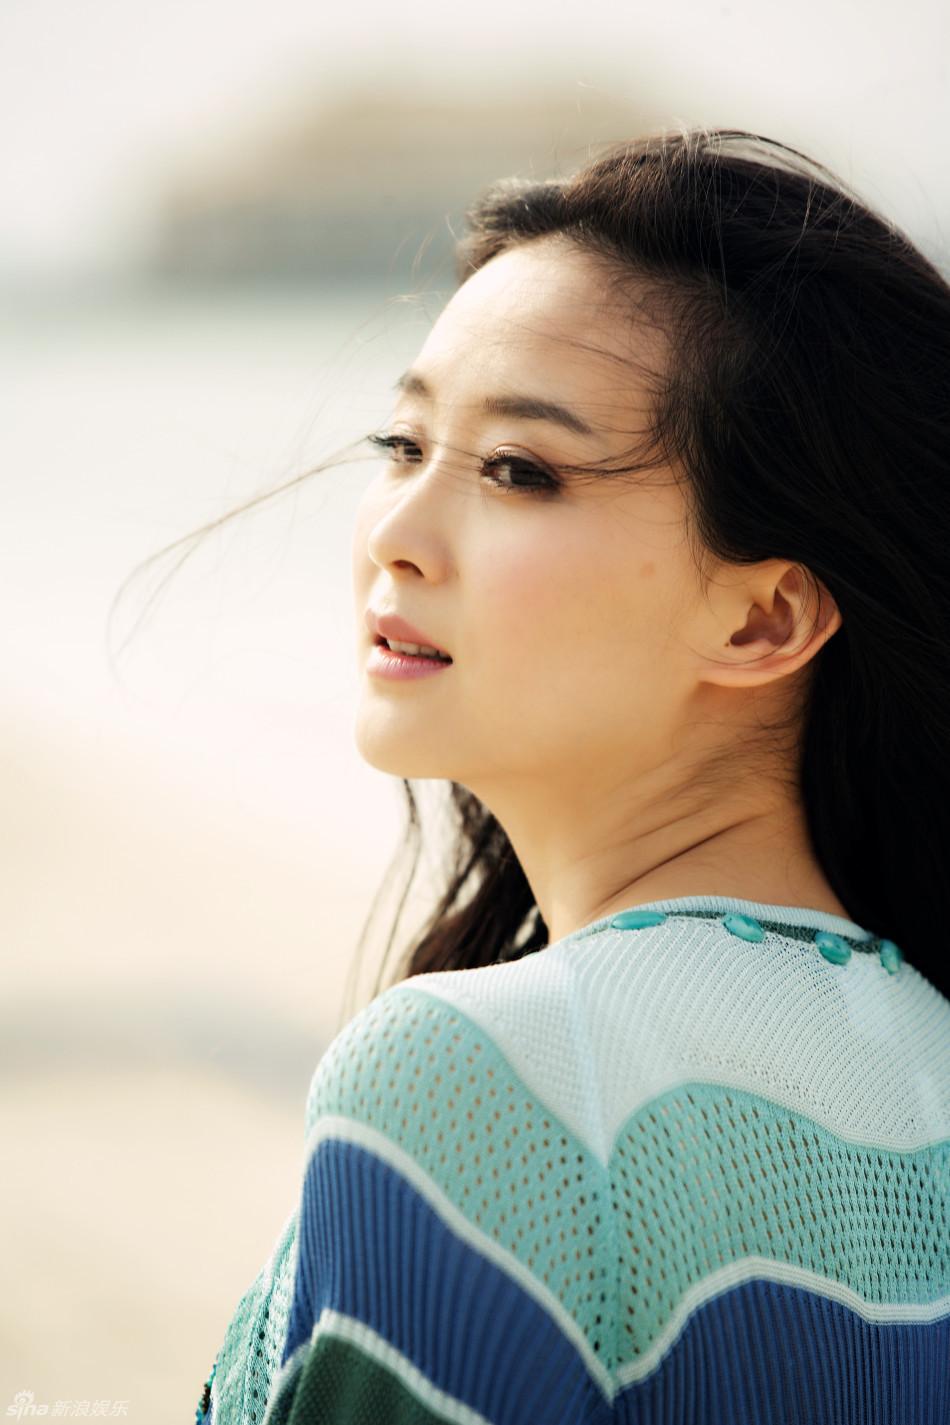 王艳海边唯美靓照 清新不输少女图片